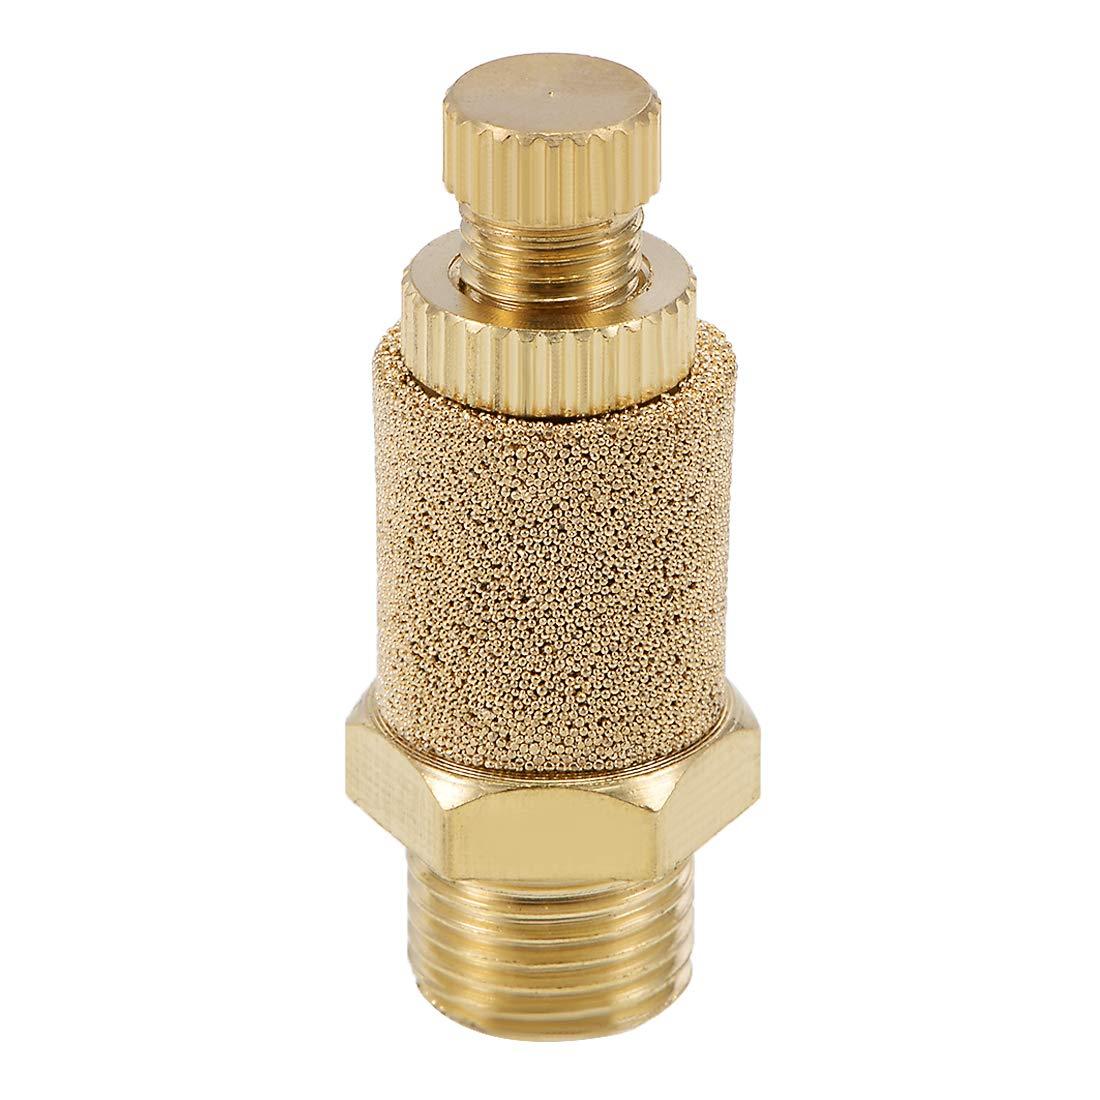 Pack of 2 Uxcell a14042800ux1306 2Pcs 1//8PT Thread Sintered Pneumatic Exhaust Silencer Muffler Fitting